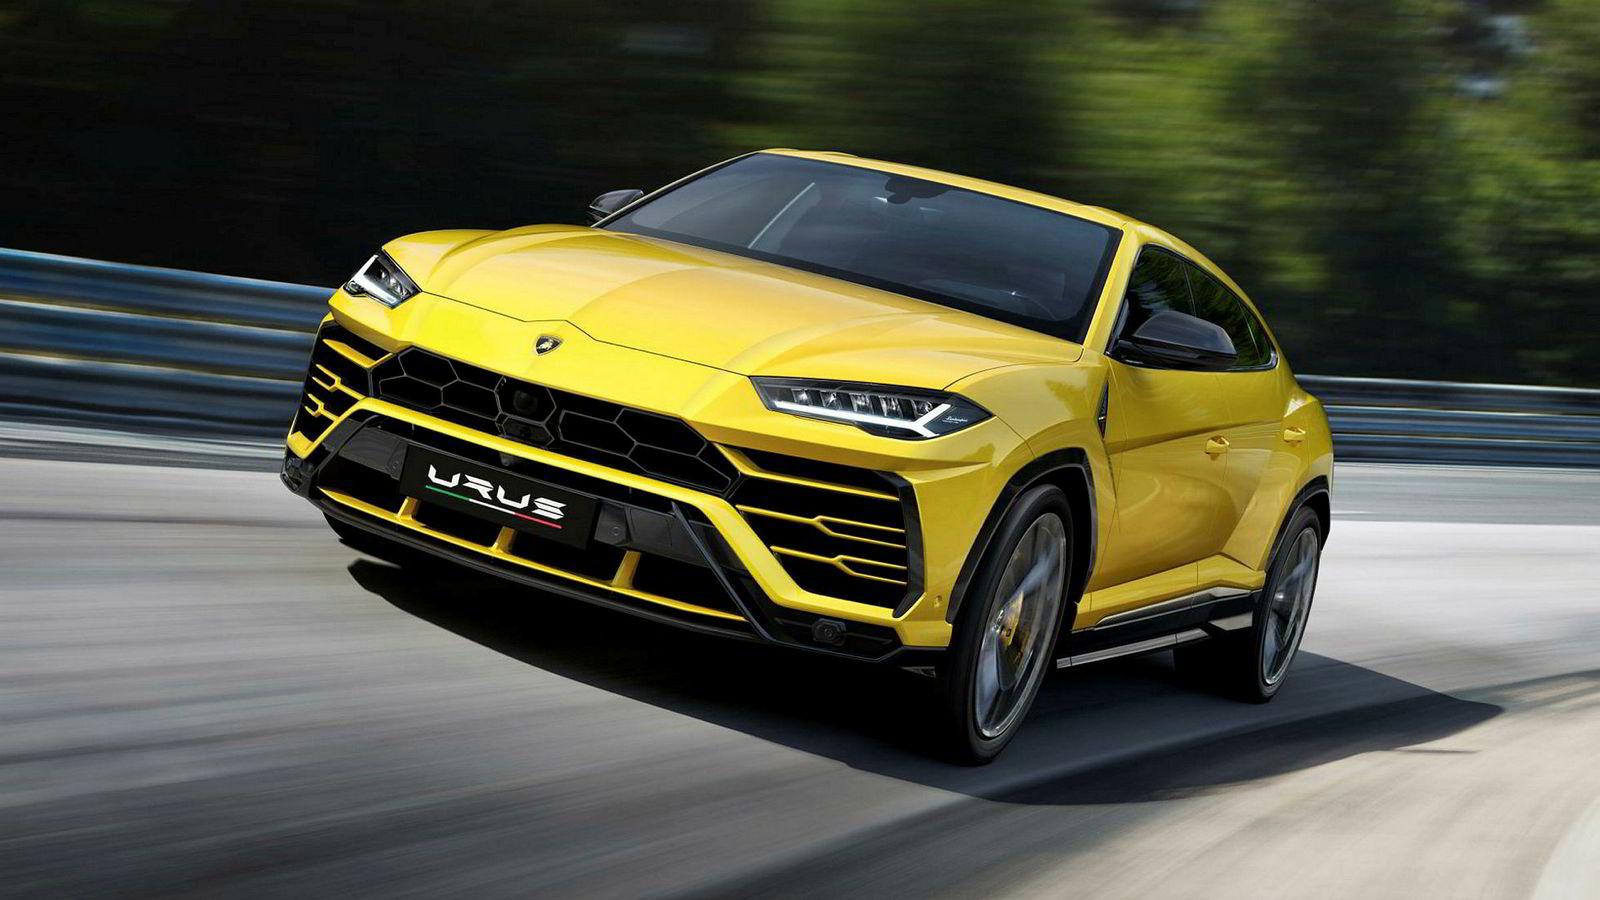 Verdens raskeste suv: Lamborghini Urus.